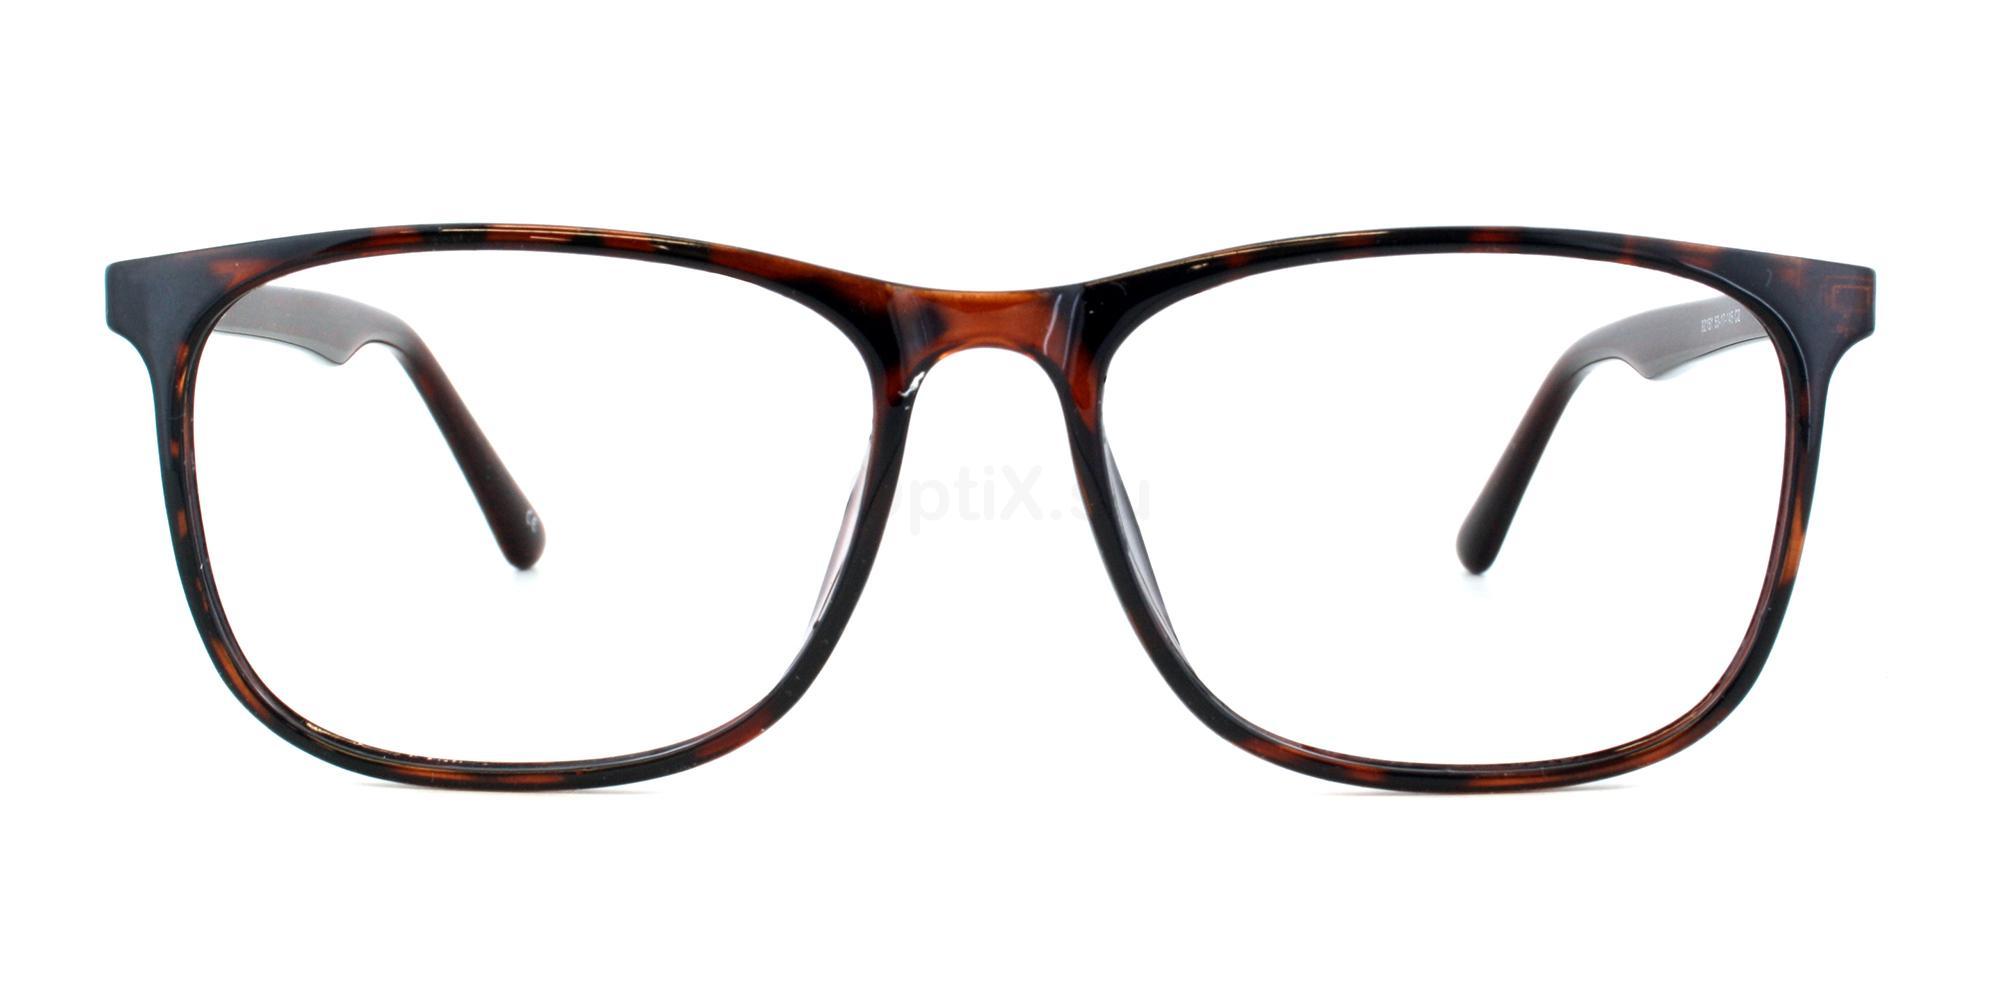 C2 92151 Glasses, Savannah